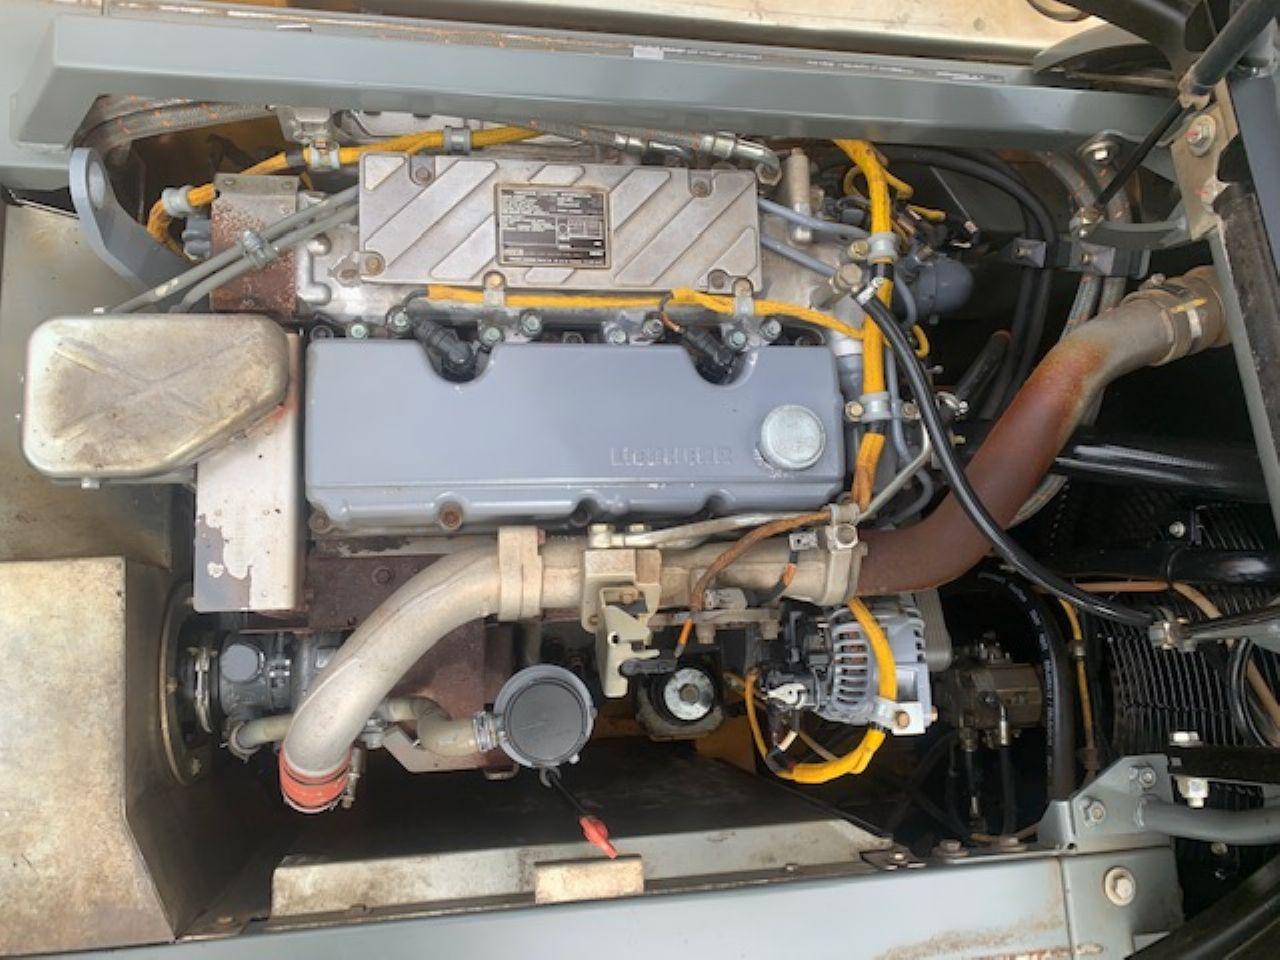 LIEBHERR R922 LC EXCAVATOR - Picture 7